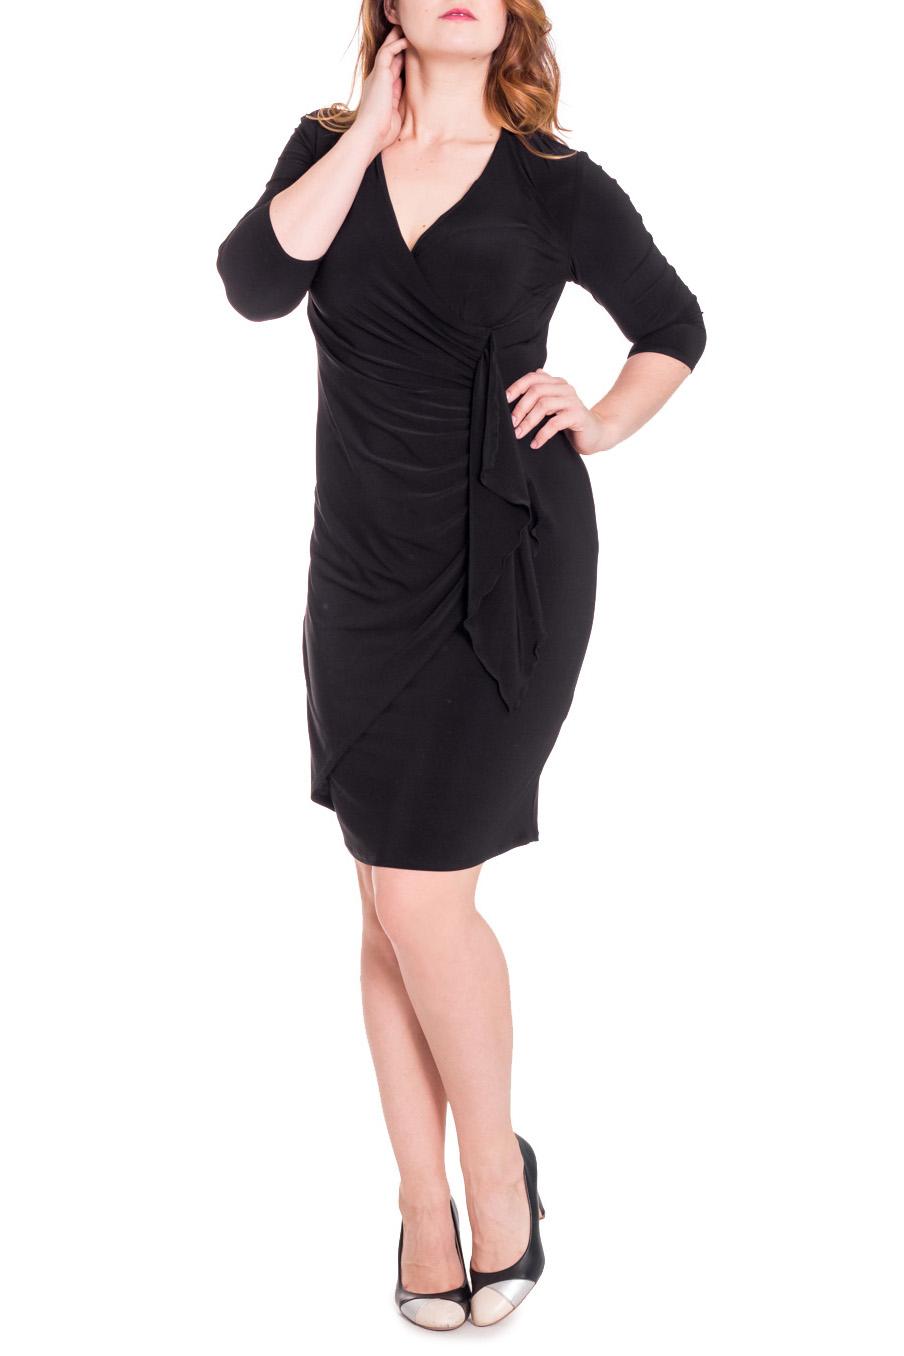 ПлатьеПлатья<br>Изысканное женское платье приталенного силуэта. На передней части изделия запах со сборкой и декоративной деталью. На спинке средний шов. Горловина обработана обтачкой. Рукав втачной, 3/4. Цвет: черный.  Длина рукава - 44 ± 1 см  Рост девушки-фотомодели 180 см  Длина изделия: 44 размер - 103 ± 2 см 46 размер - 103 ± 2 см 48 размер - 103 ± 2 см 50 размер - 103 ± 2 см 52 размер - 105 ± 2 см 54 размер - 105 ± 2 см 56 размер - 105 ± 2 см<br><br>Горловина: V- горловина,Запах<br>По длине: Ниже колена<br>По материалу: Трикотаж<br>По рисунку: Однотонные<br>По сезону: Весна,Всесезон,Зима,Лето,Осень<br>По силуэту: Приталенные<br>По форме: Платье - футляр<br>По элементам: С декором,С завязками,Со складками,С воланами и рюшами<br>Рукав: Рукав три четверти<br>По стилю: Повседневный стиль<br>Размер : 46<br>Материал: Холодное масло<br>Количество в наличии: 3